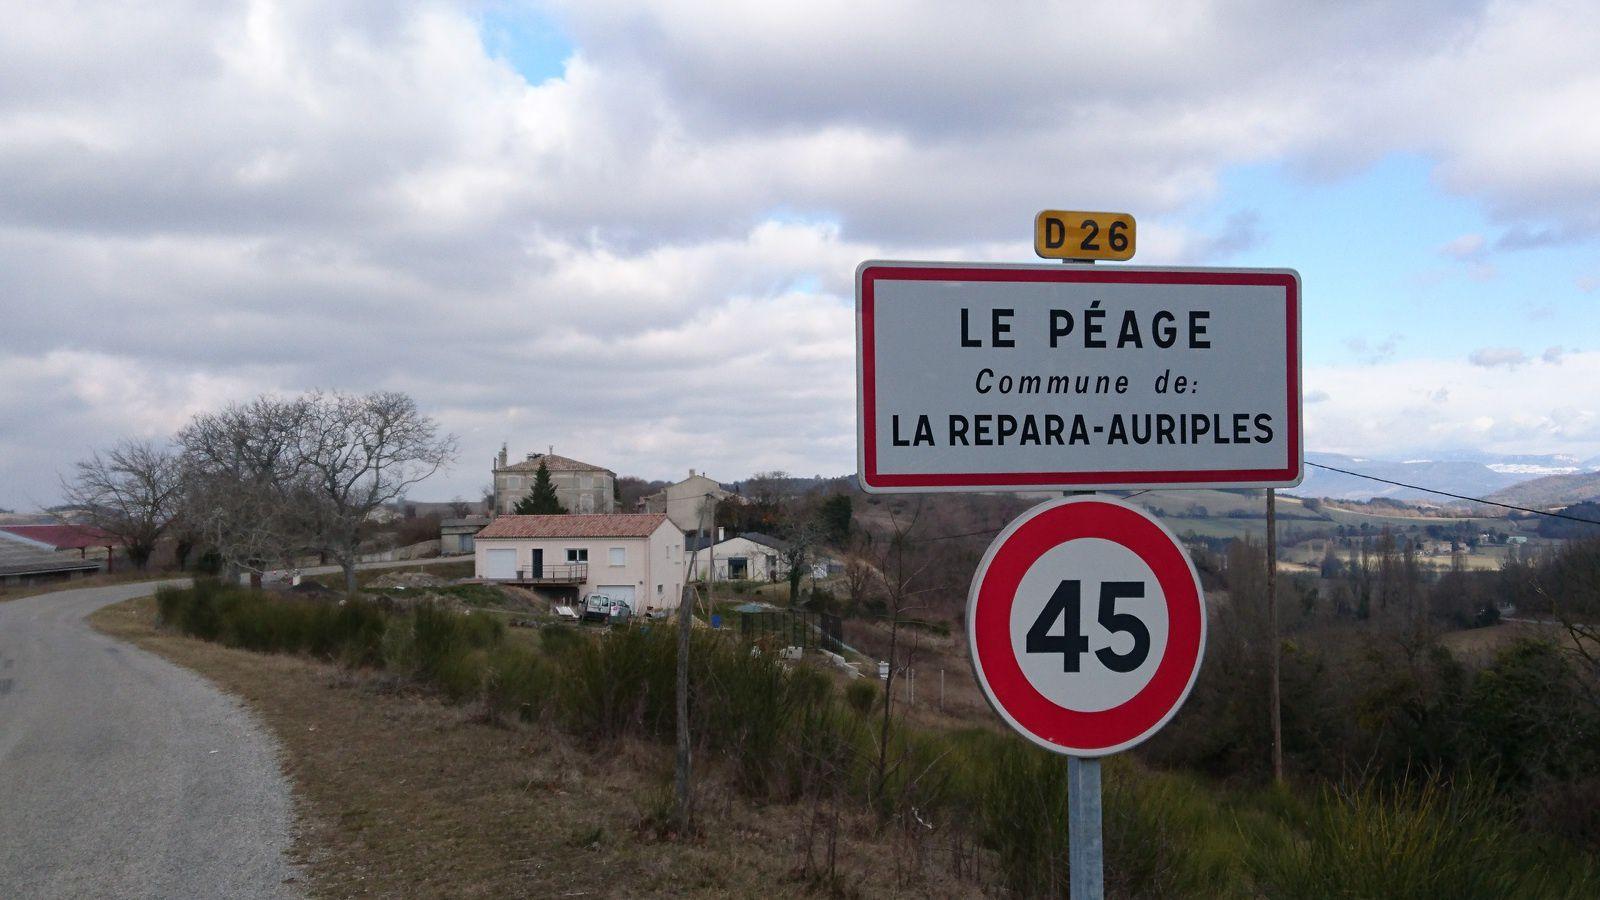 La Répara-Auriples